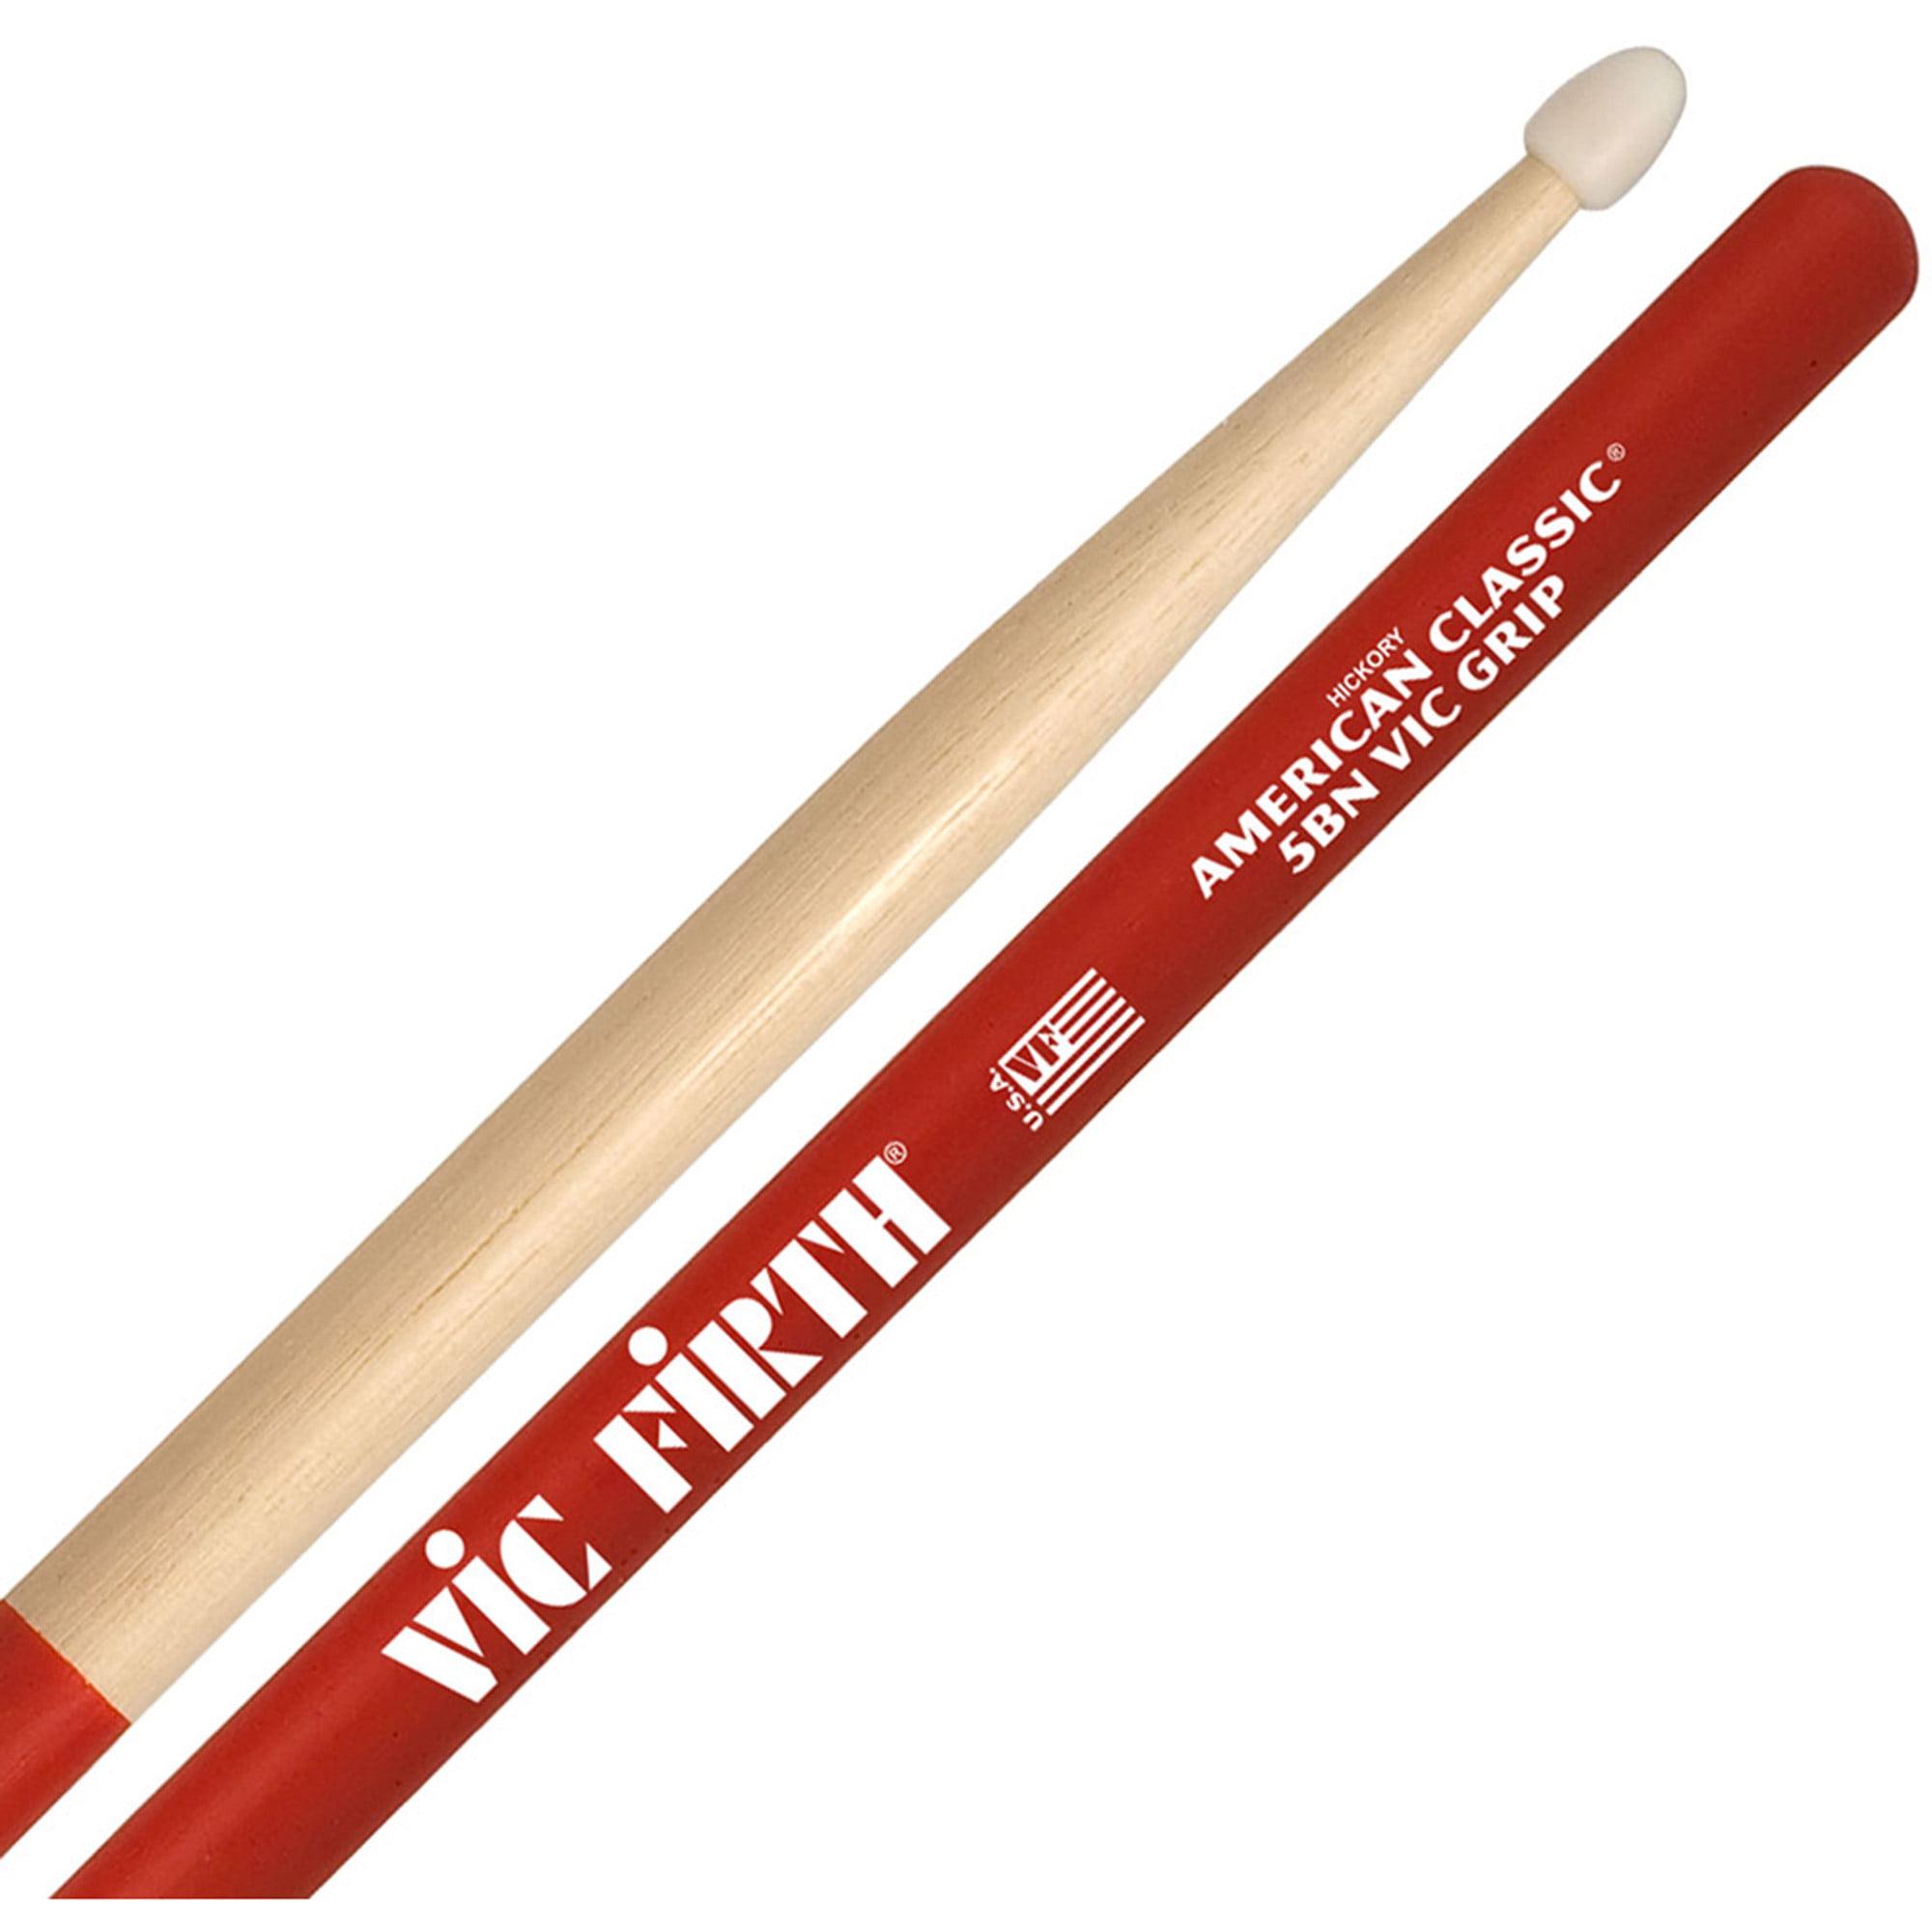 Vic Firth 5BNVG American Classic 5B Nylon Tip Drumsticks w  Vic Grip by Vic Firth